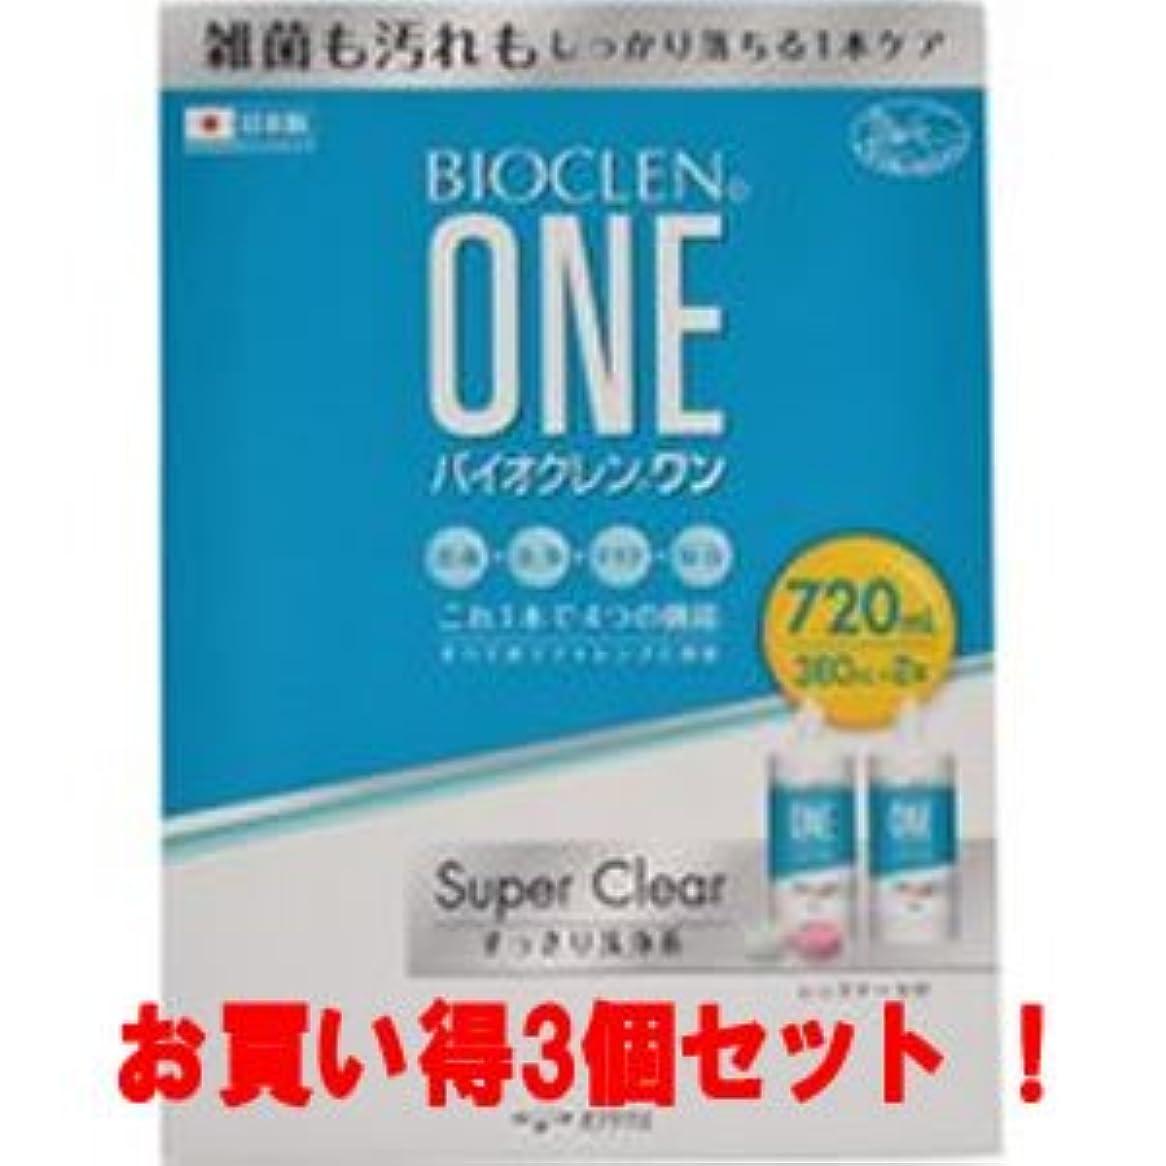 却下する量気質(お買い得3個セット)オフテクス バイオクレン ワン スーパークリア 360ml×2本(医薬部外品)